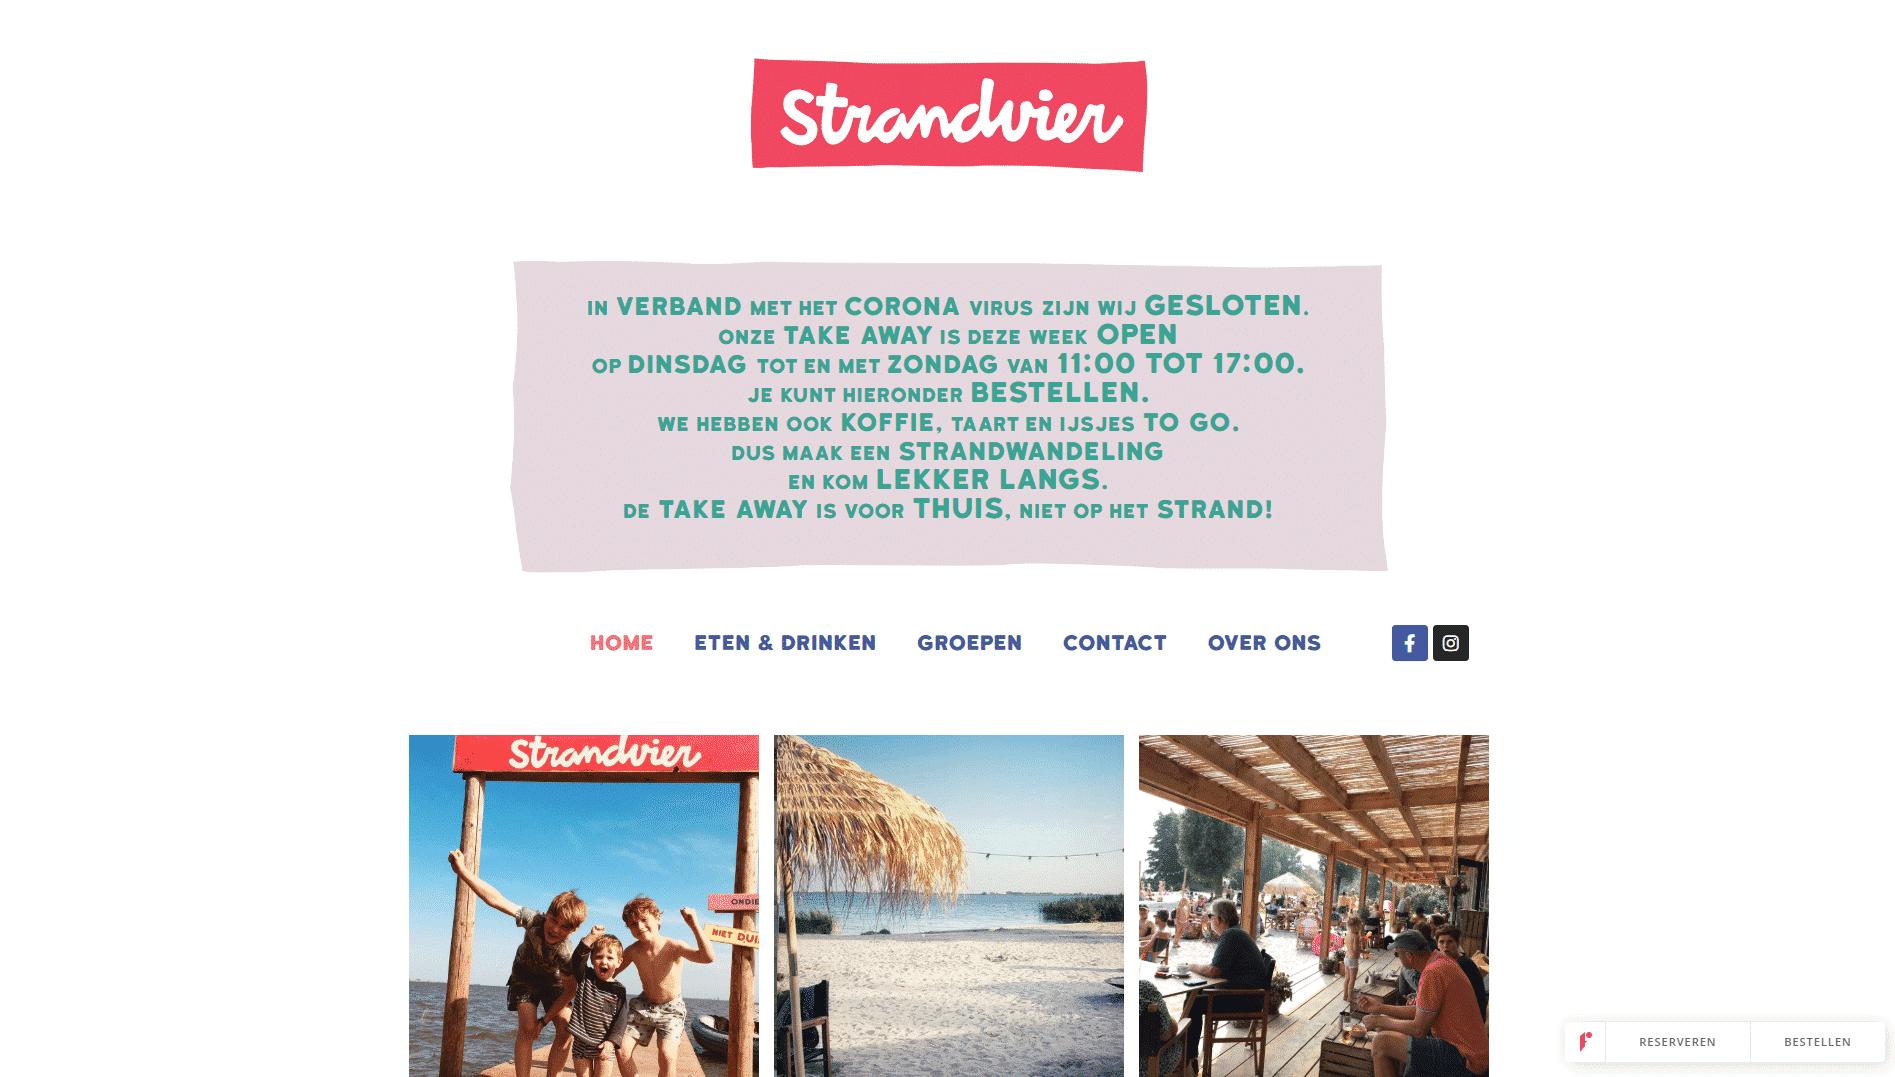 De voorpagina van de website van strandvier die galileo academy heeft gemaakt